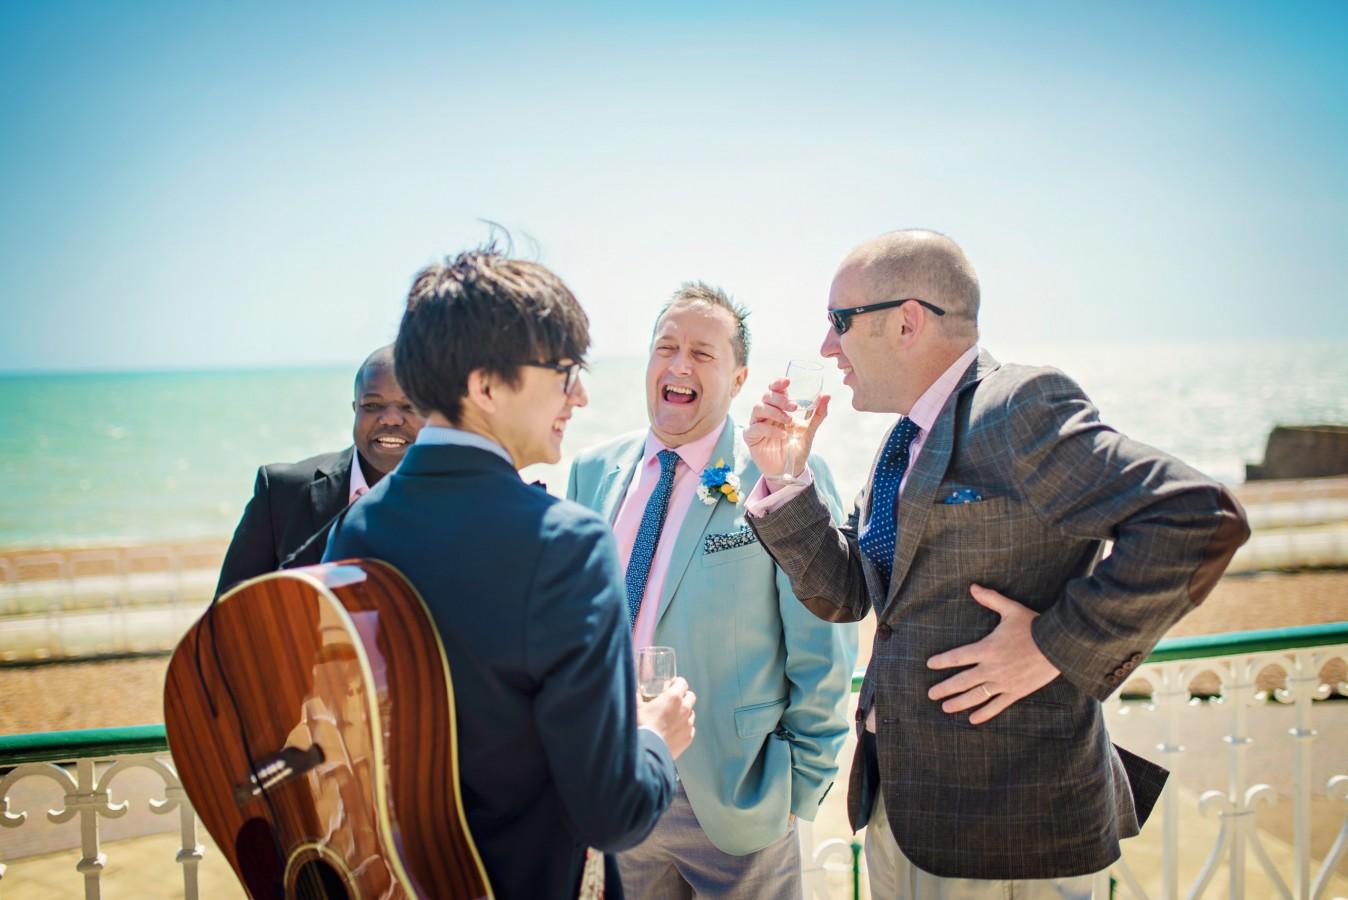 Hampshire Wedding Photographer - GK Photography-79